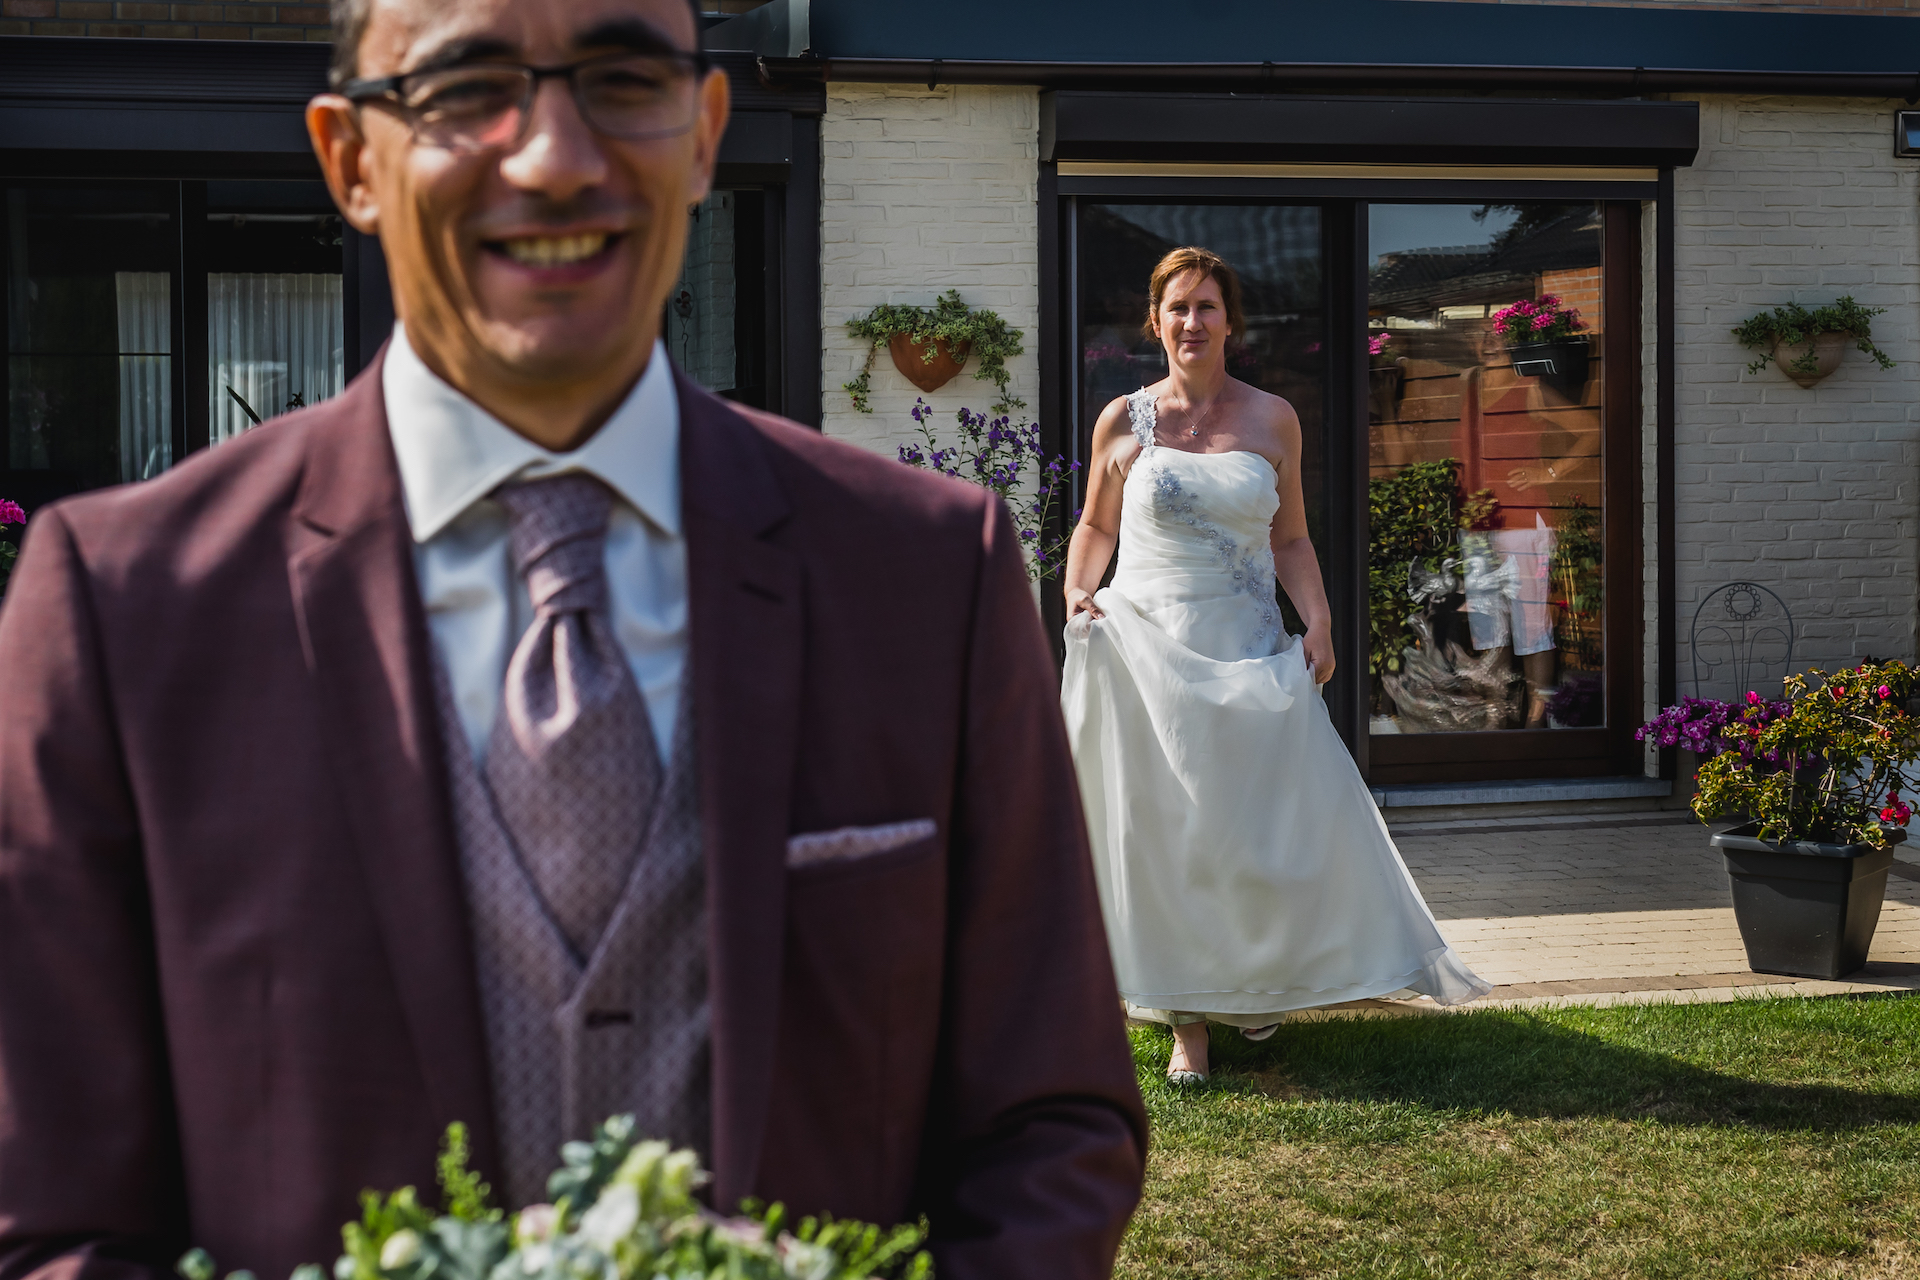 Elopement Photographer Bruselas, Bélgica | El novio espera con entusiasmo y anticipación mientras la novia se acerca